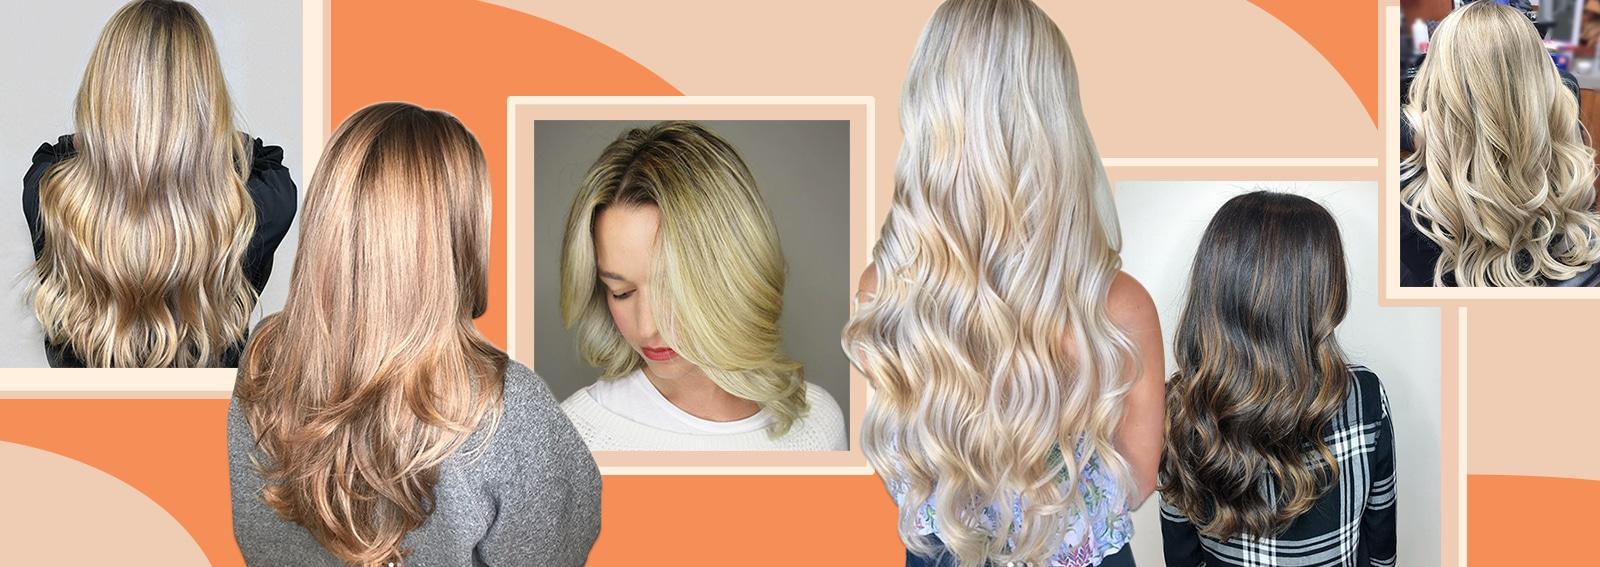 Foiled hair la tinta che regala nuova luce ai capelli collage_desktop